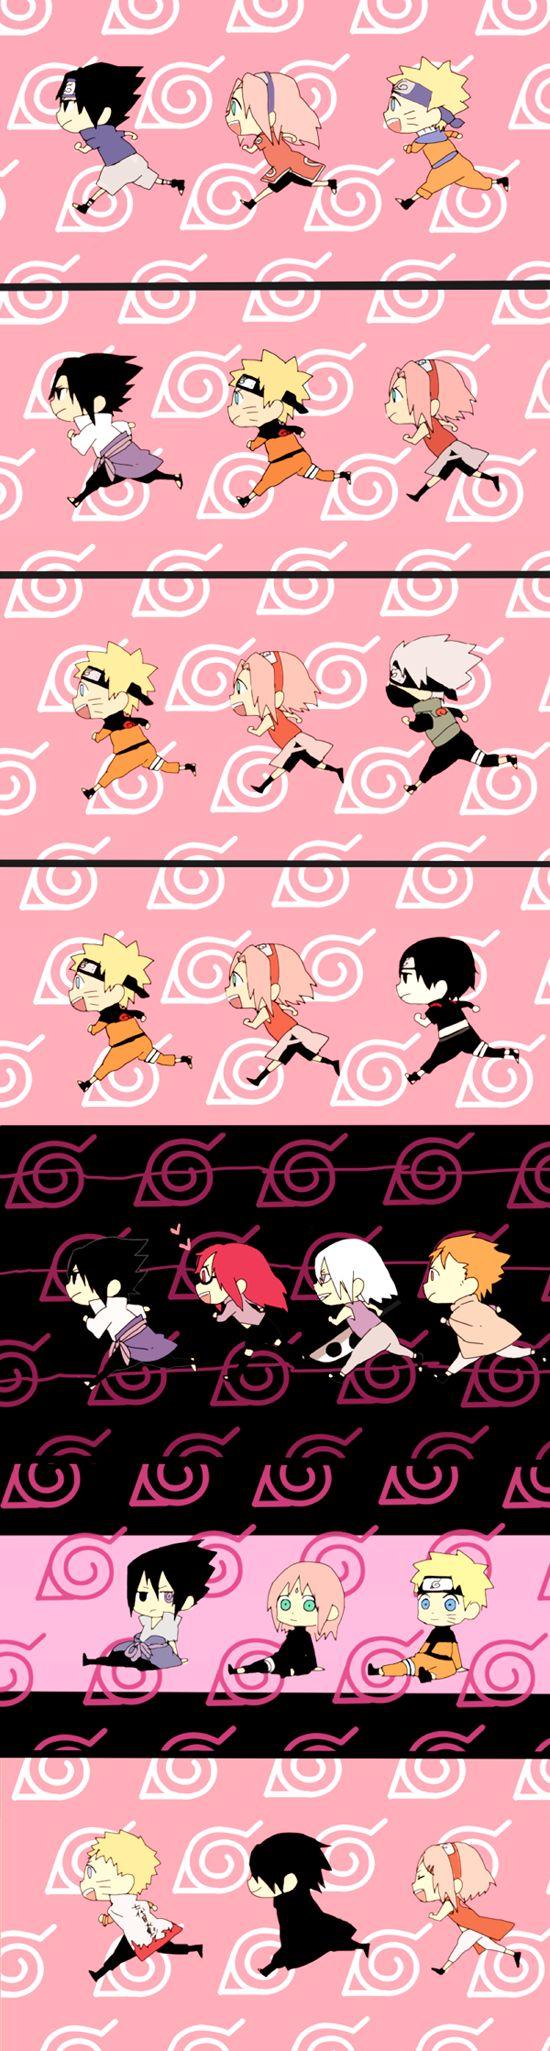 NARUTO Image #1858061 - Zerochan Anime Image Board